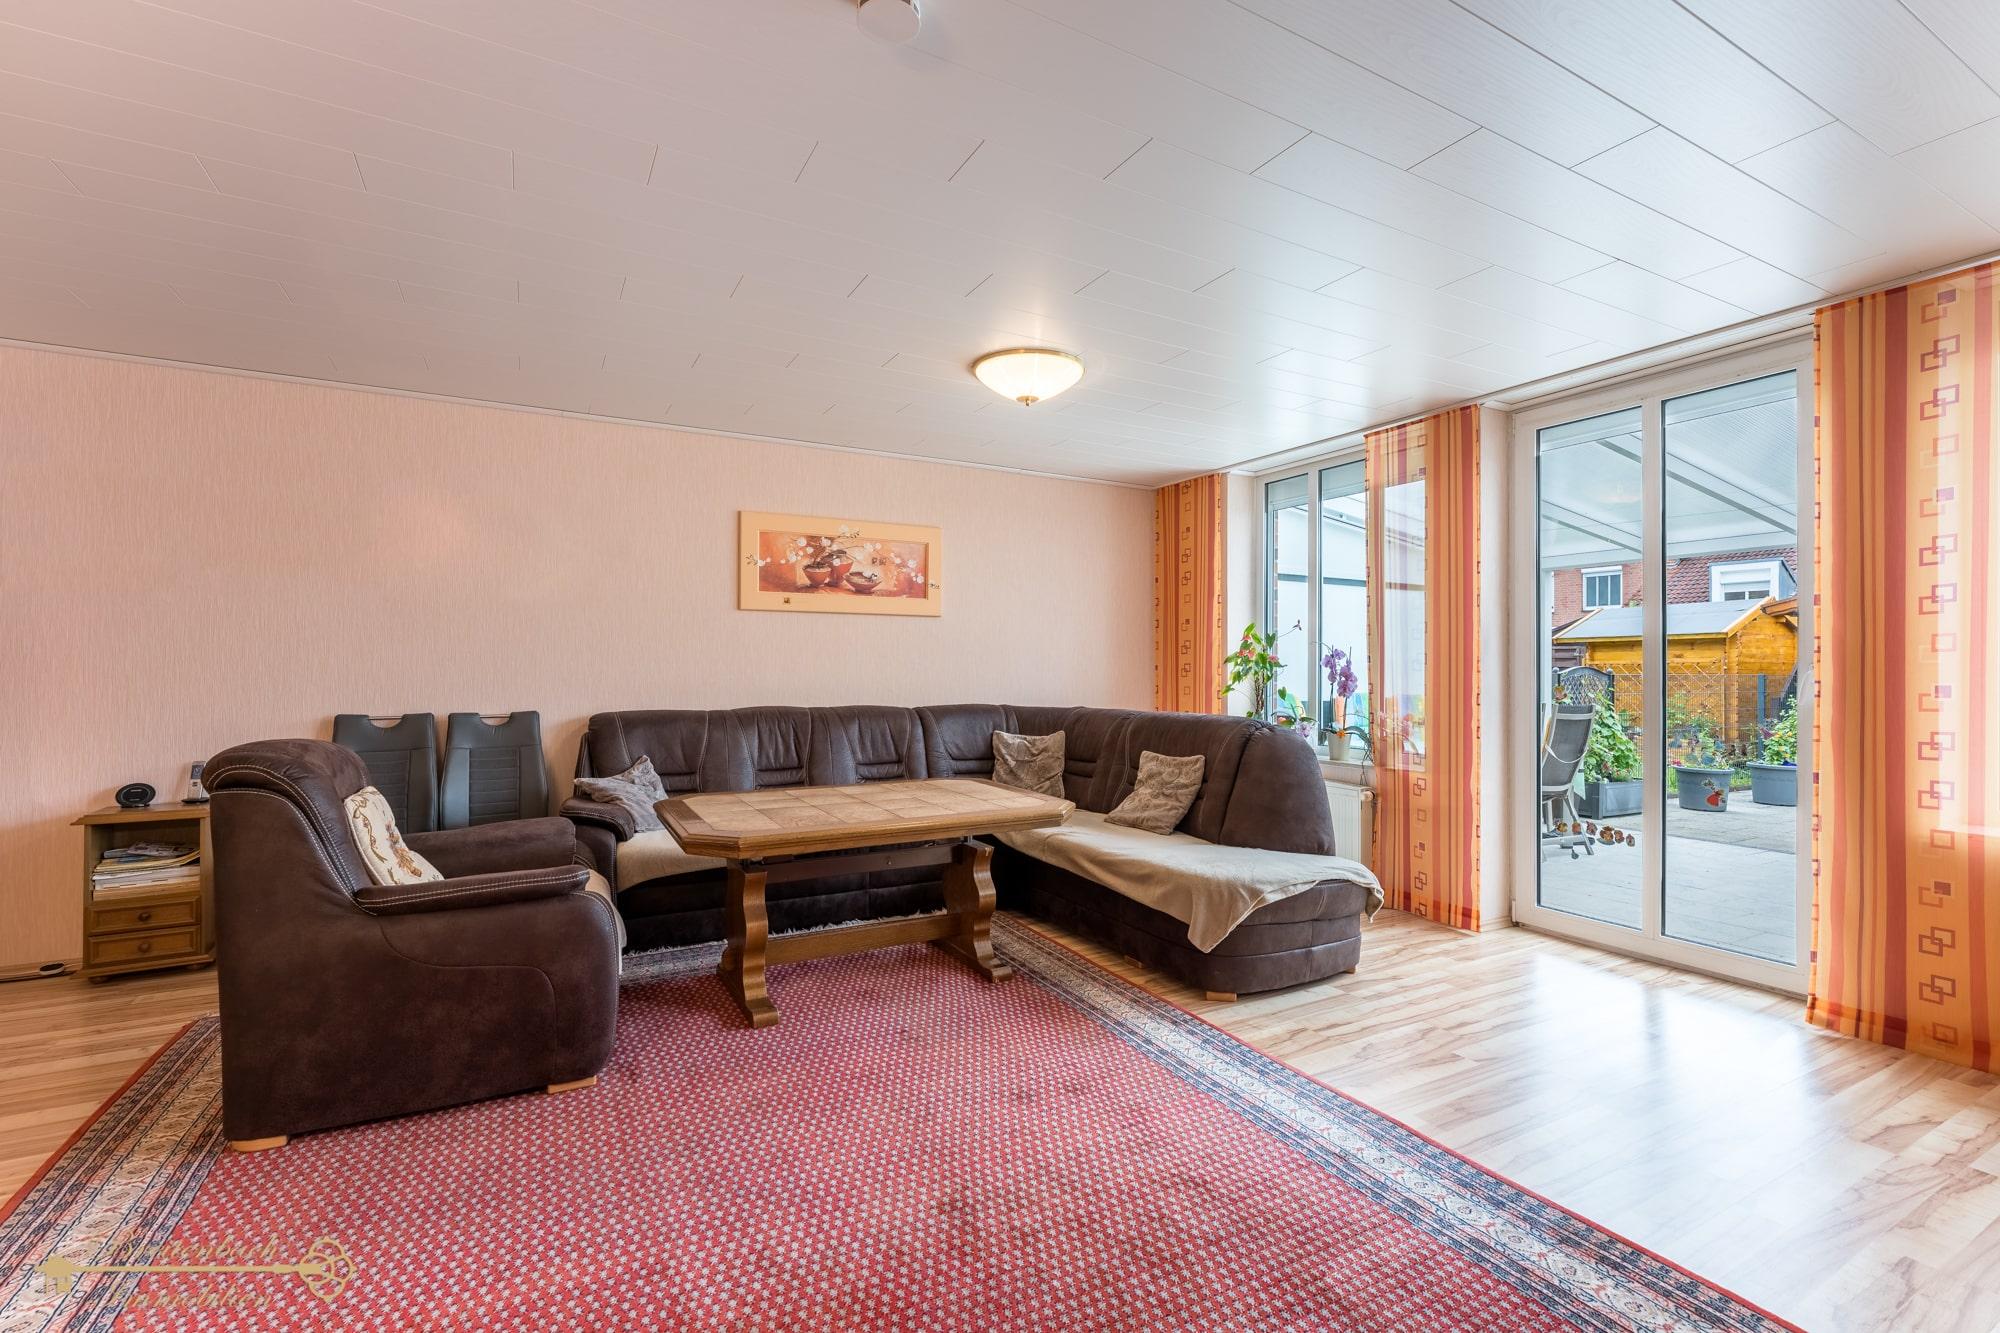 2021-07-06-Breitenbach-Immobilien-Makler-Bremen-7-min